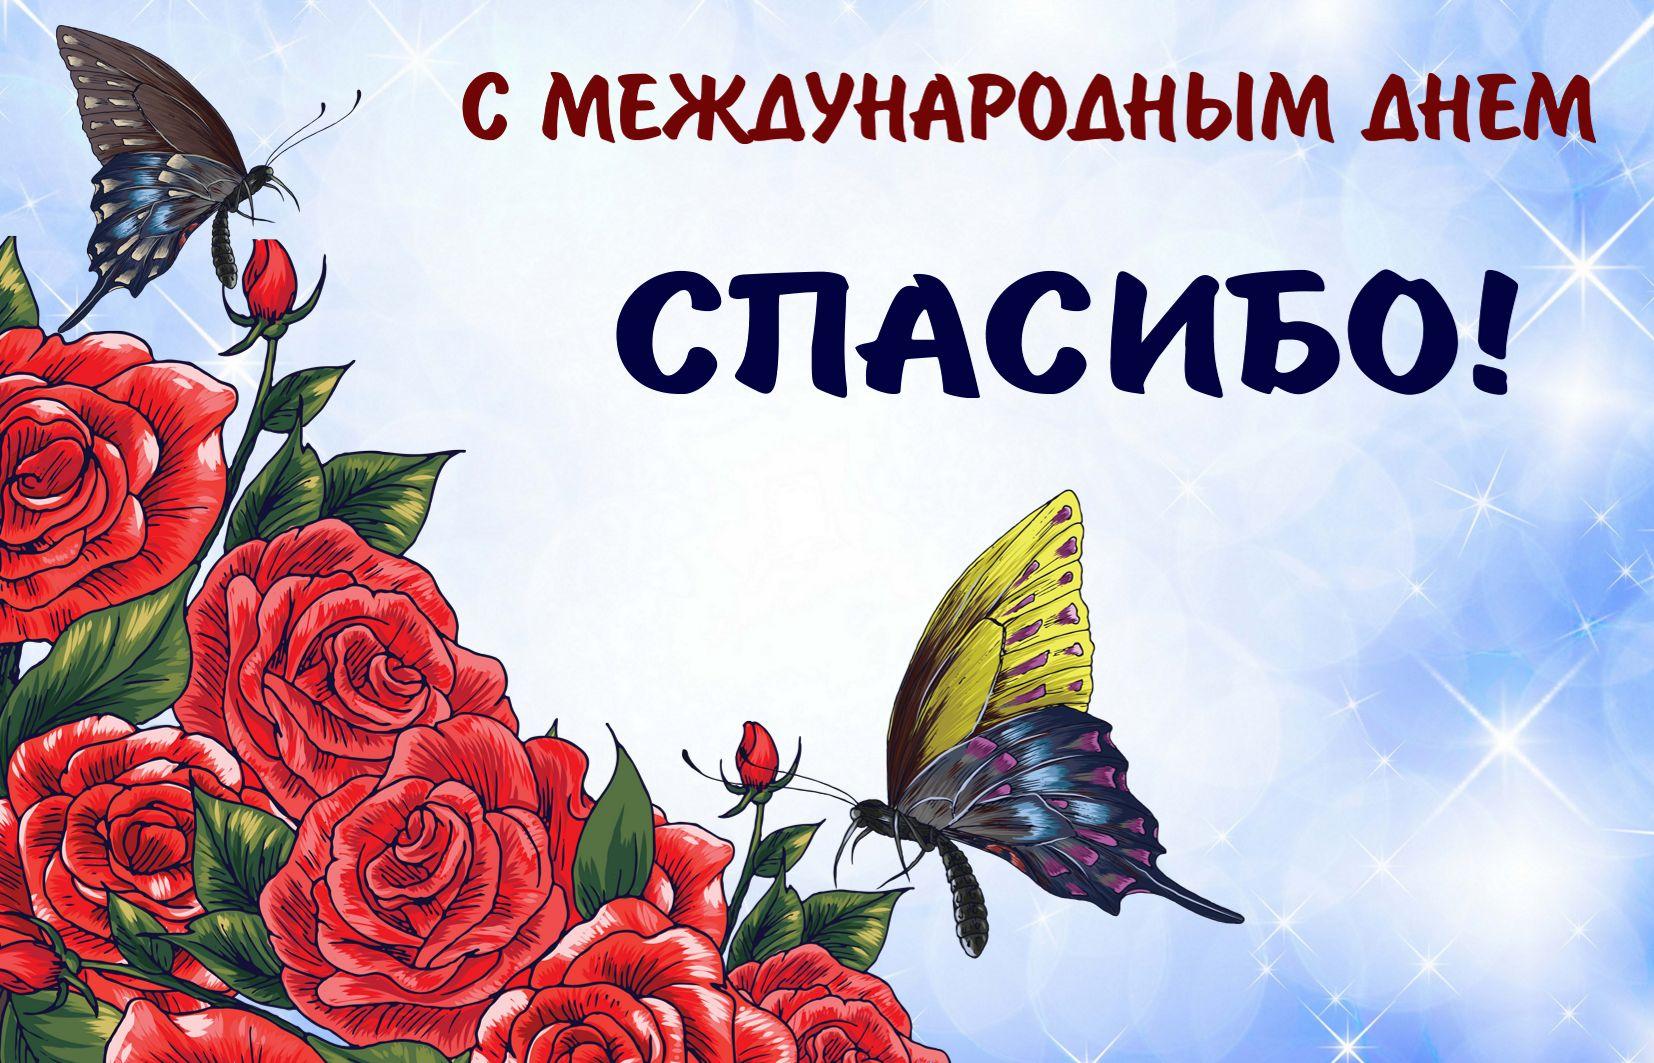 Открытка с бабочками на красных розах